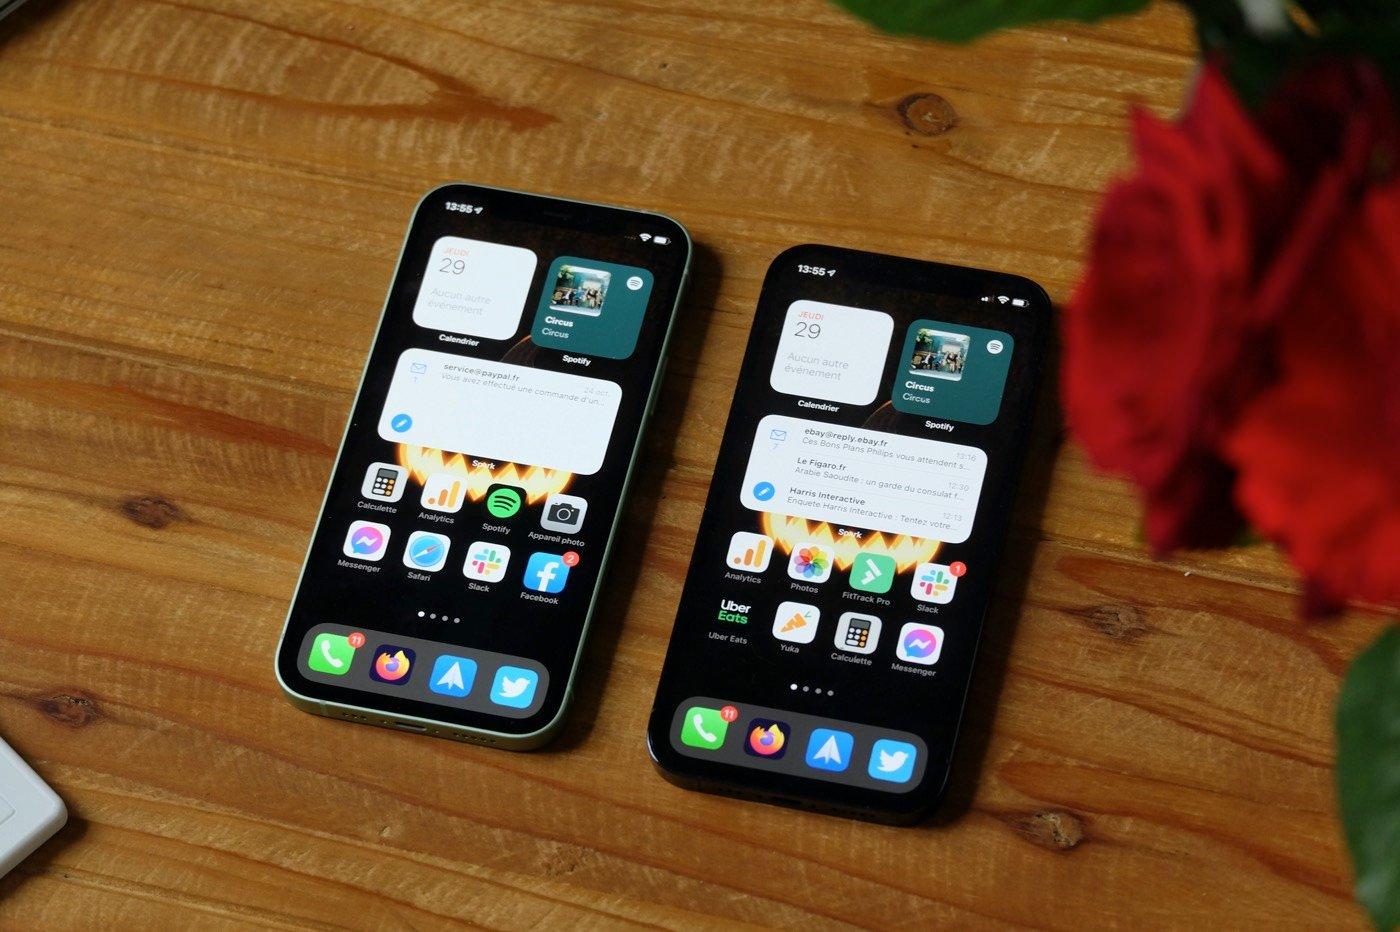 test iphone 12 vs pro ecran vous avez changé de smartphone ? voici comment transférer vos données facilement - test iphone 12 vs pro ecran - Vous avez changé de smartphone ? Voici comment transférer vos données facilement